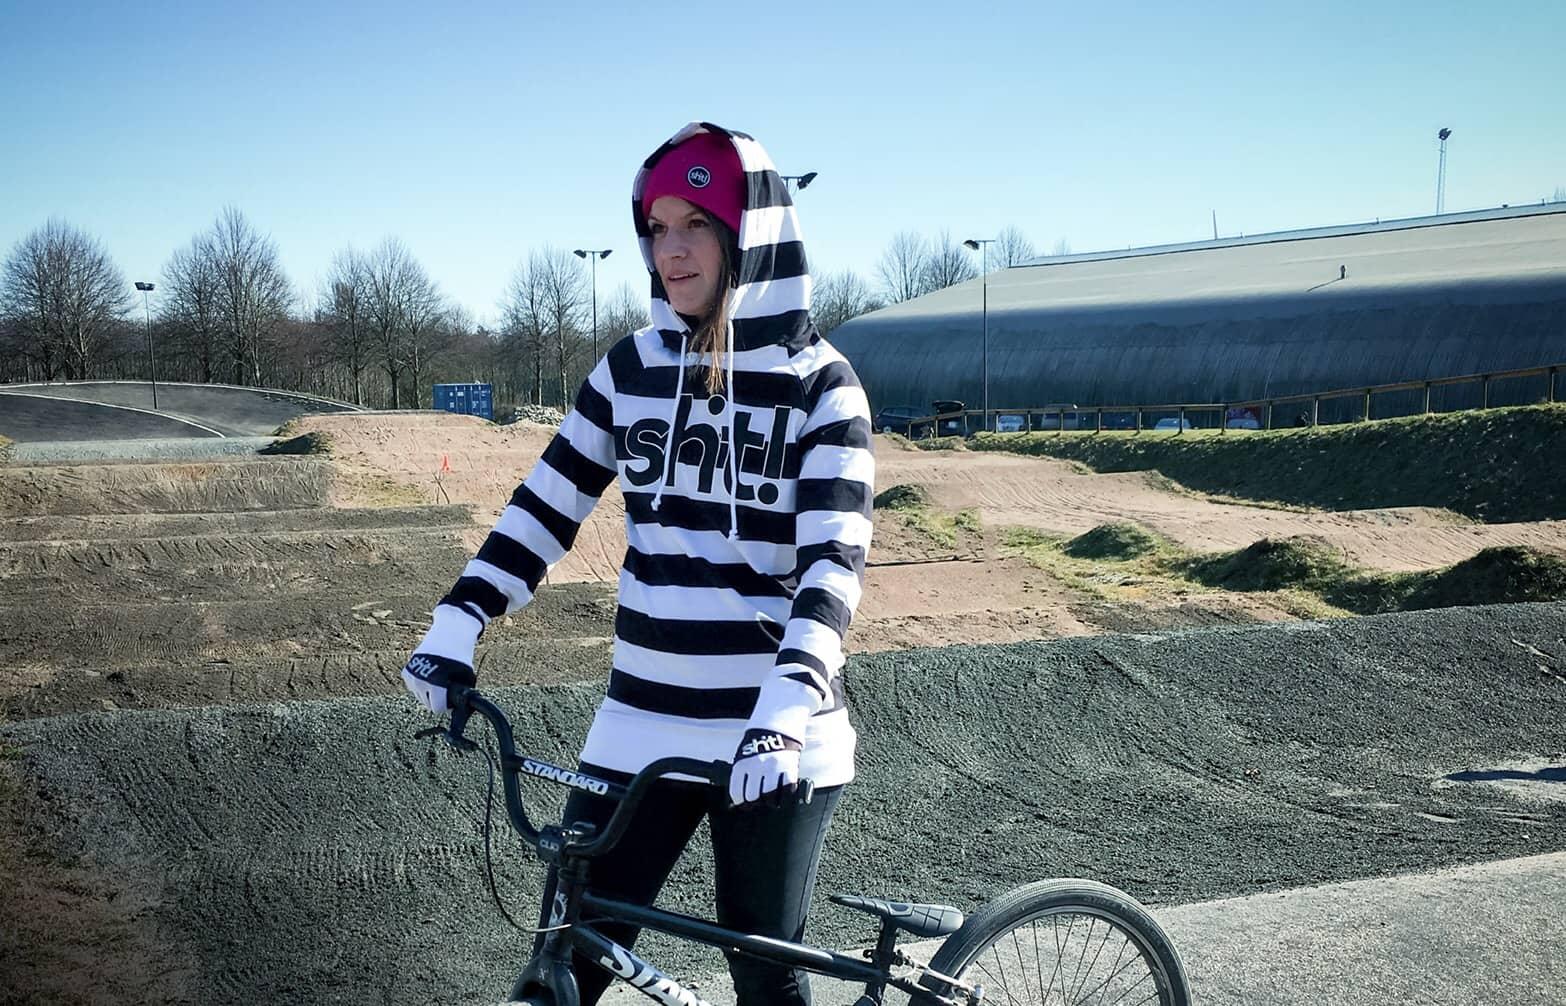 Silje Rubaek team rider for dwbtoftshit!